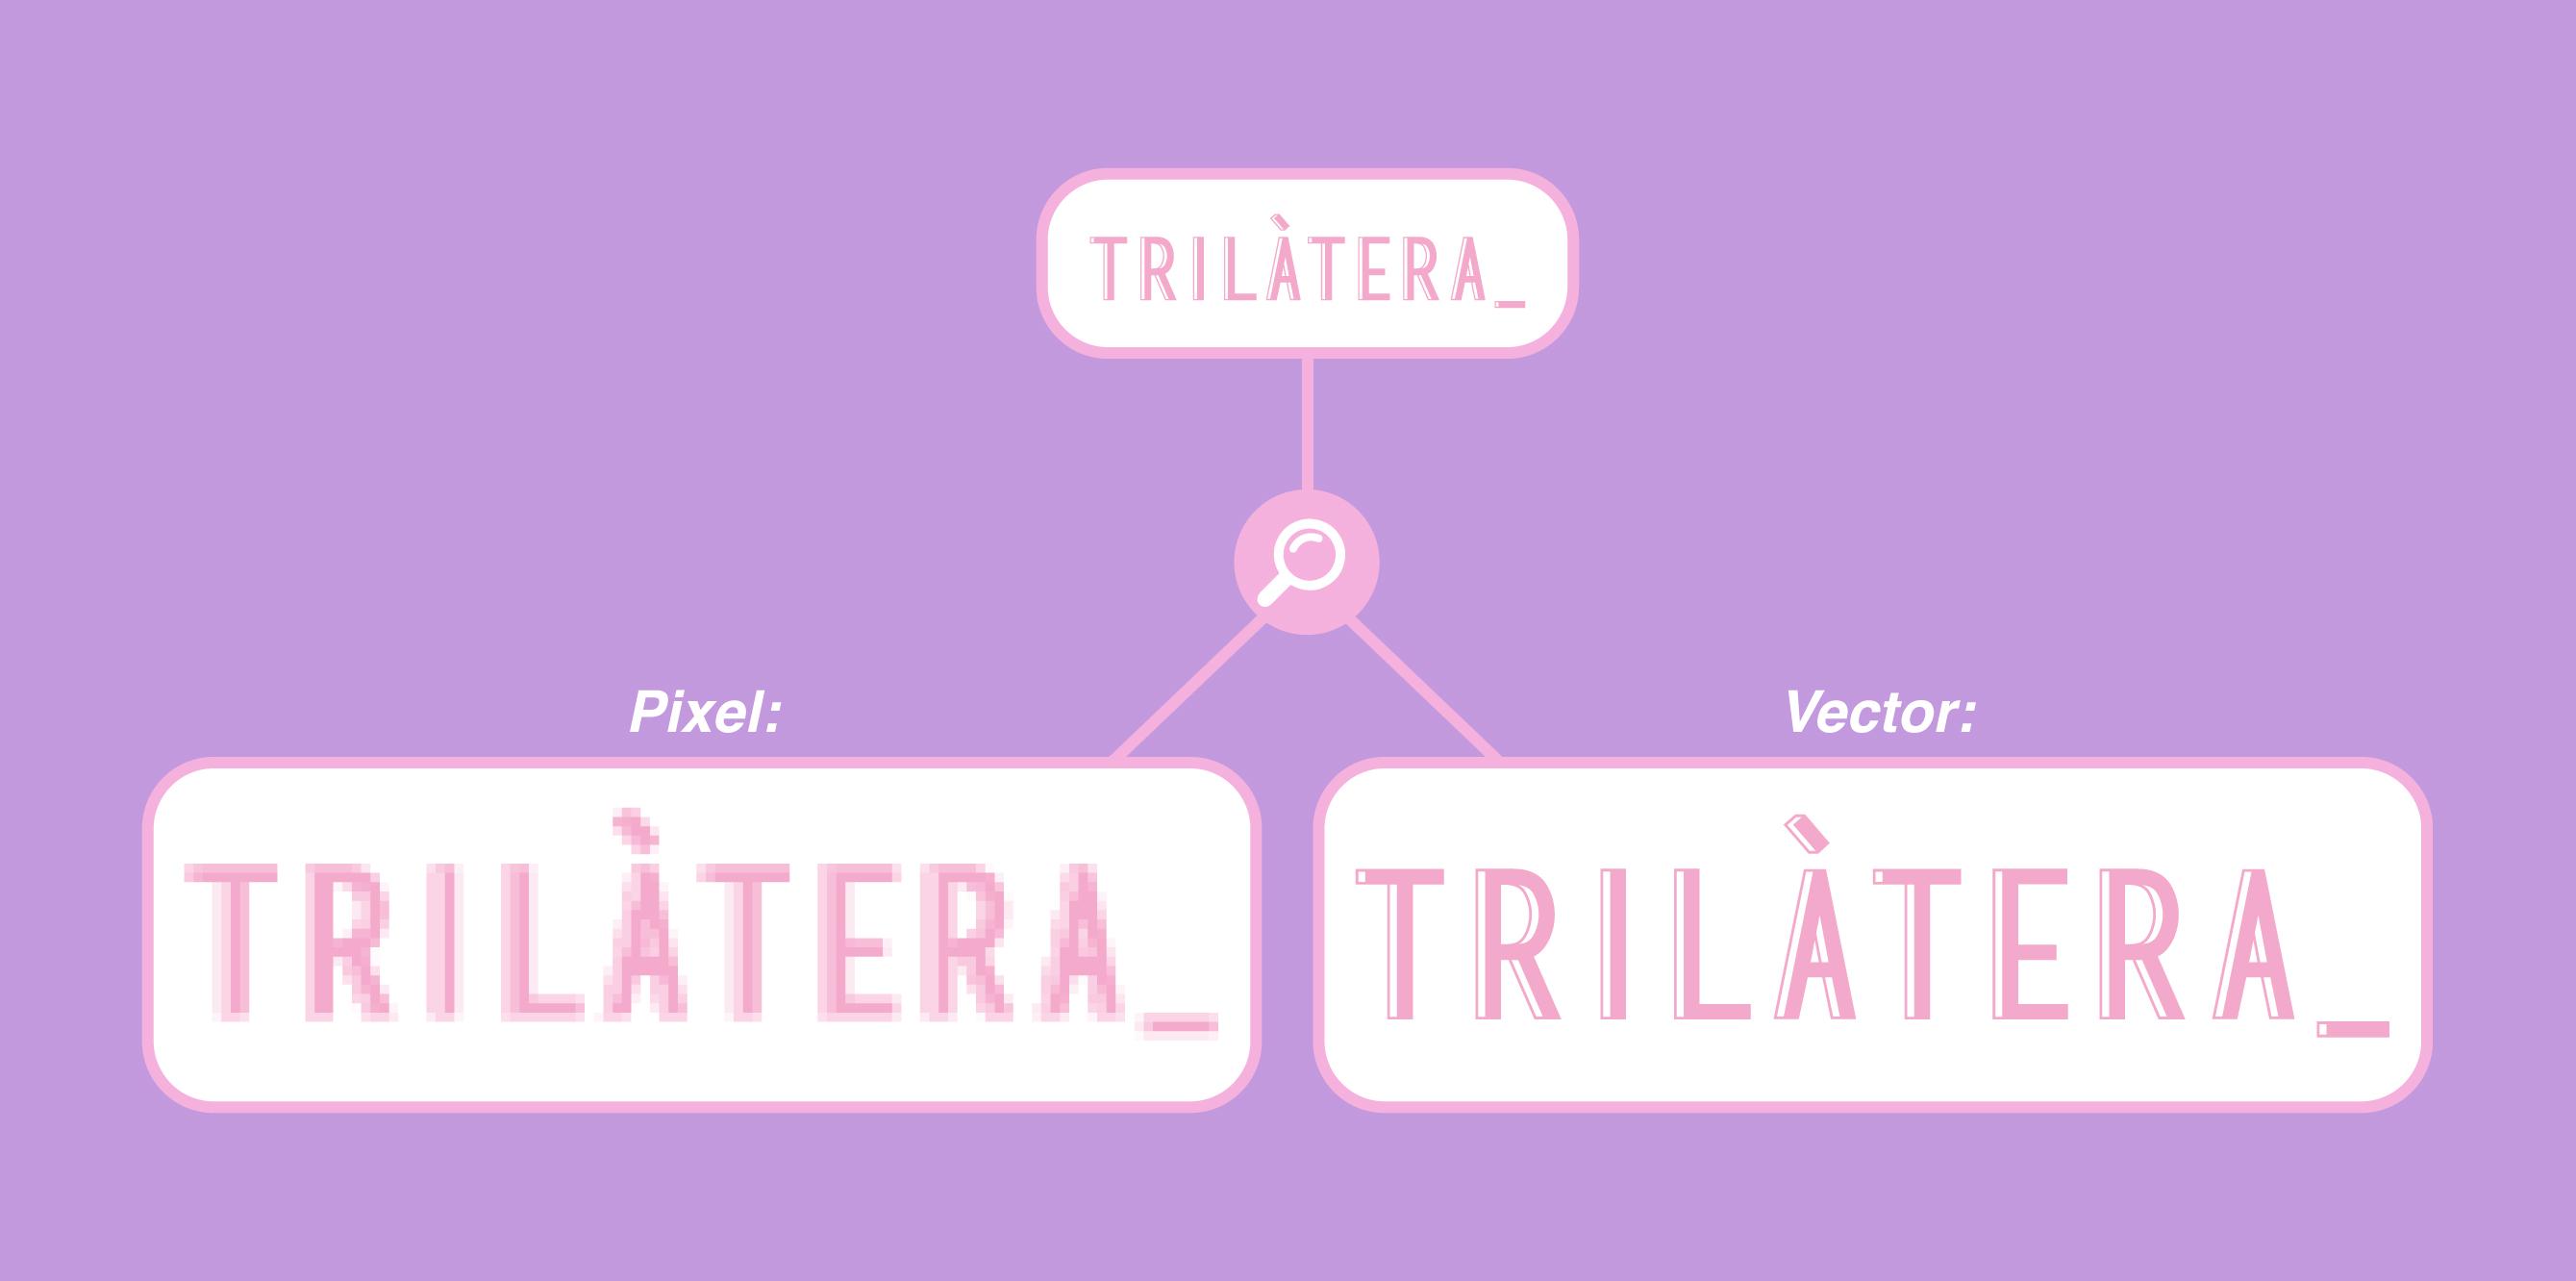 graficos-vectoriales-imagenes-vector-trlt-trilatera